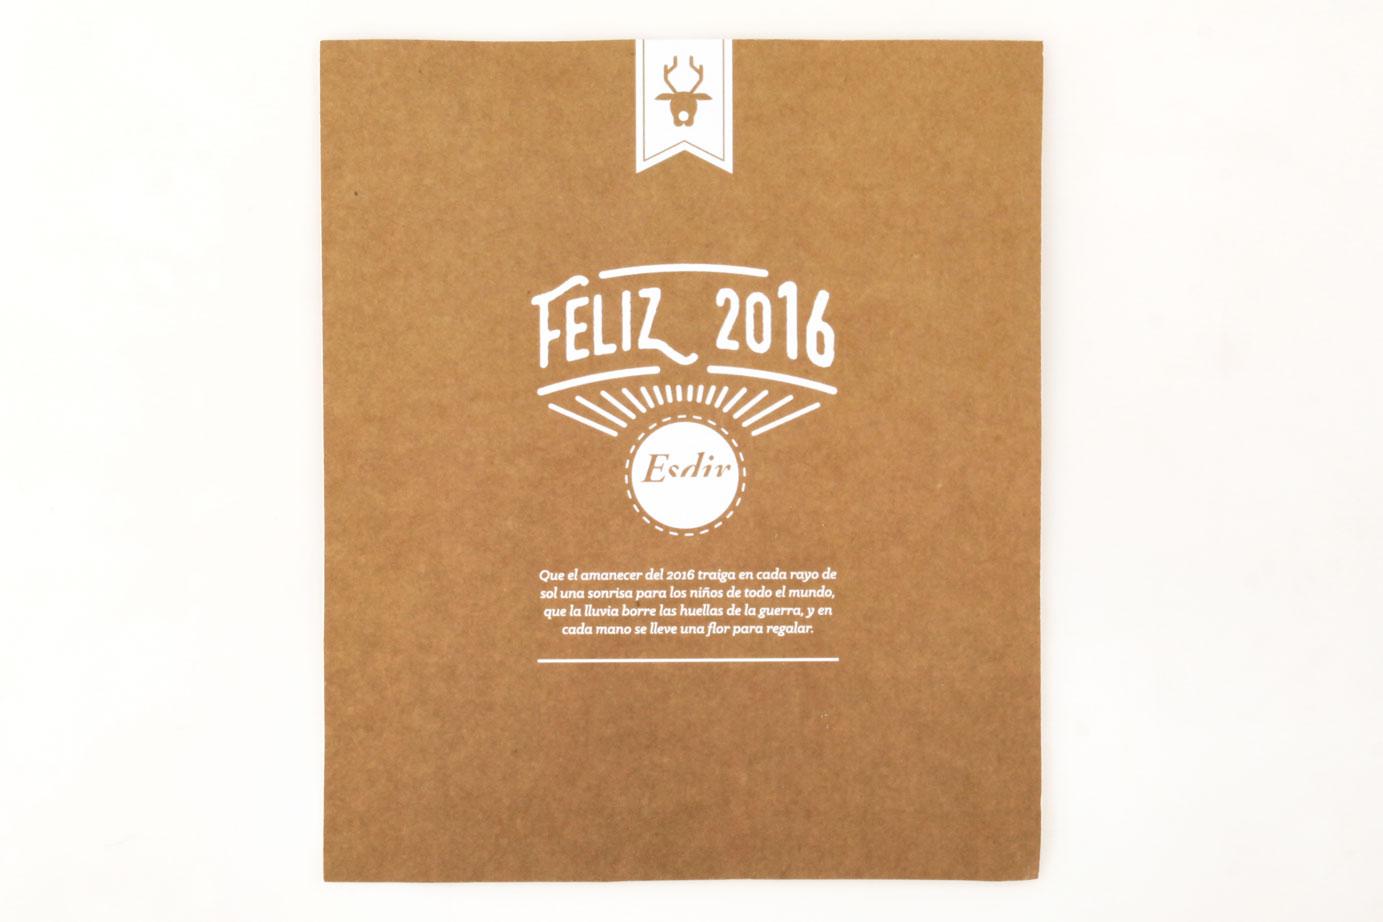 Premiados del concurso Tarjeta navideña 2015